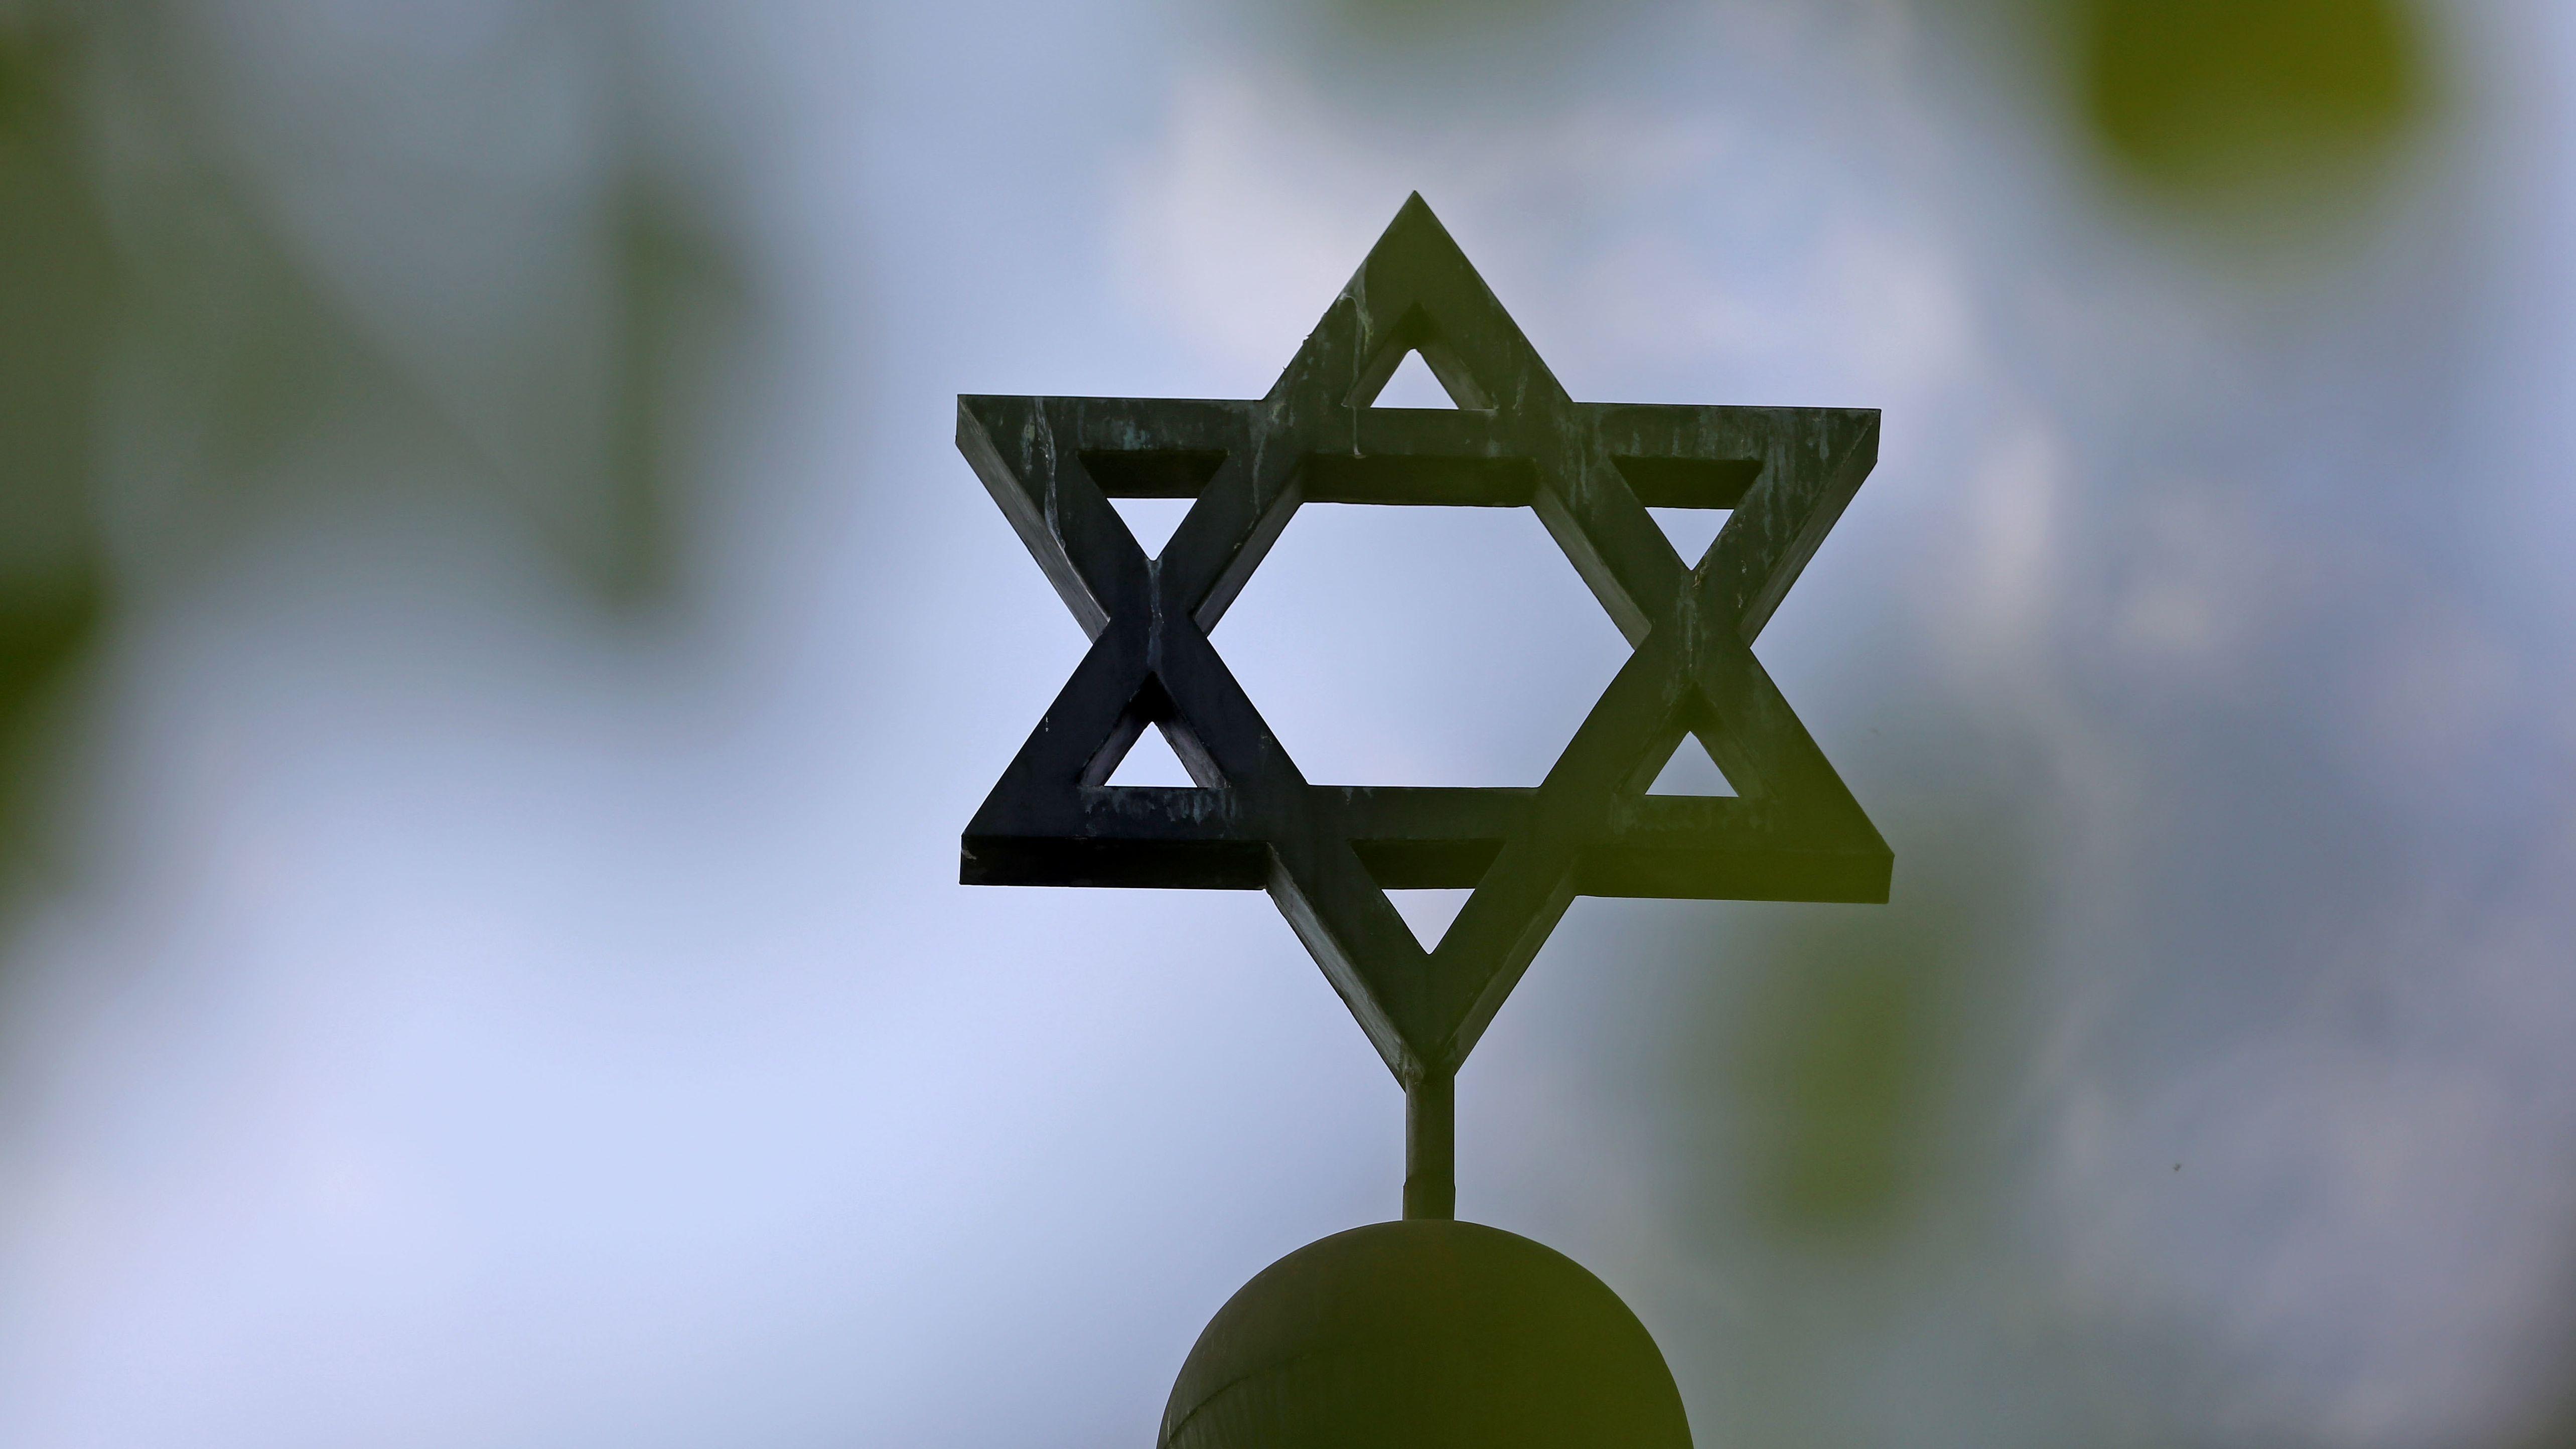 Der Stern der Synagoge der Jüdischen Gemeinde Halle/Saale (Sachsen-Anhalt)